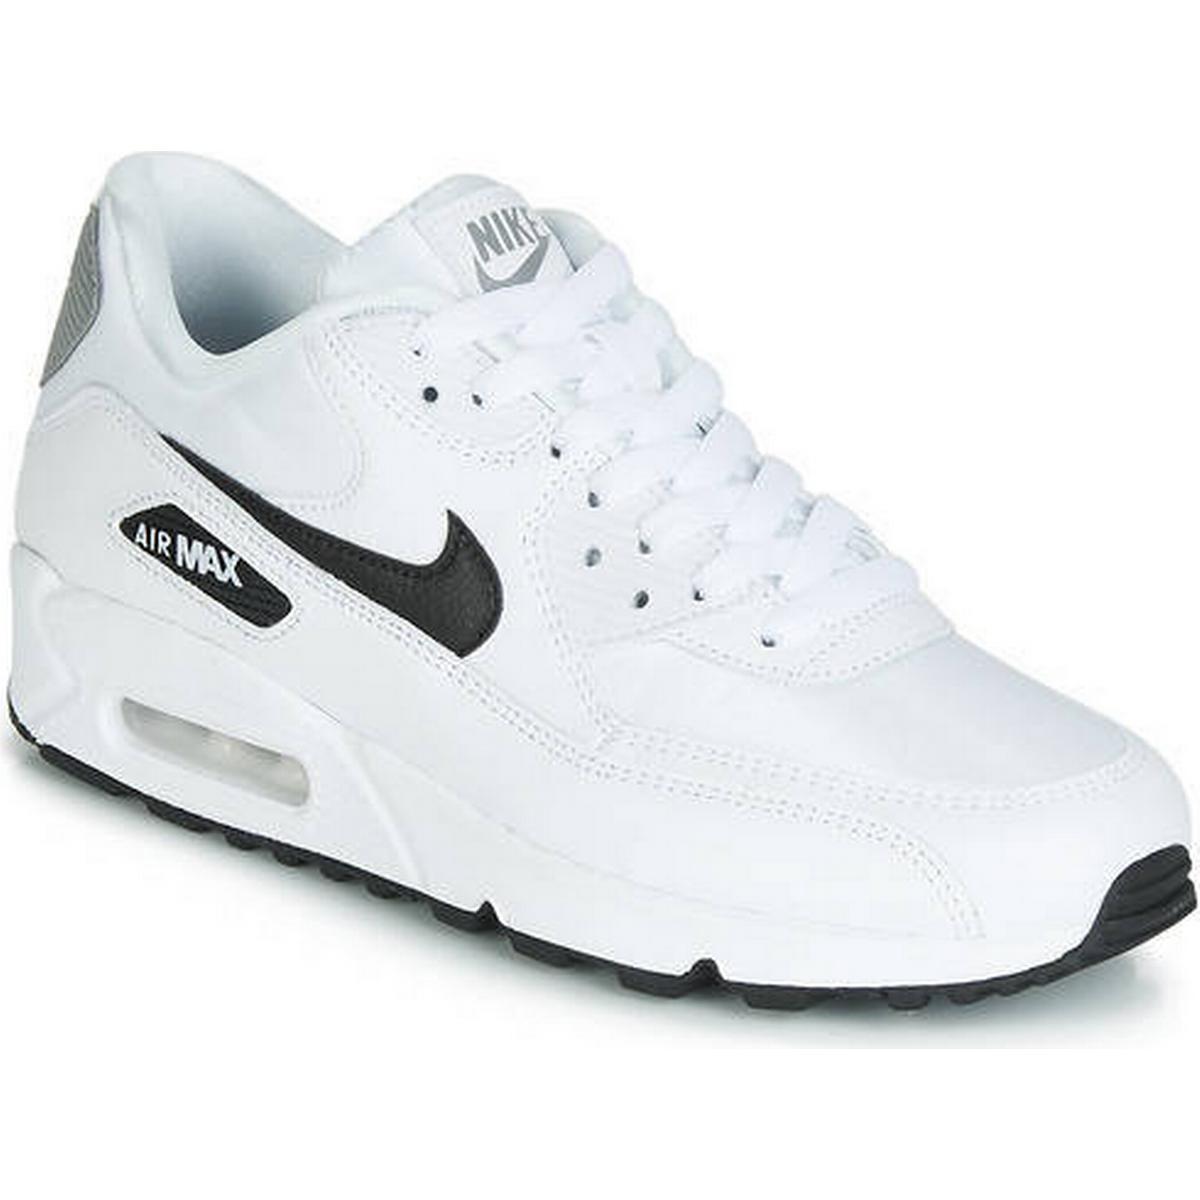 Nike air max 90 dam • Hitta det lägsta priset hos